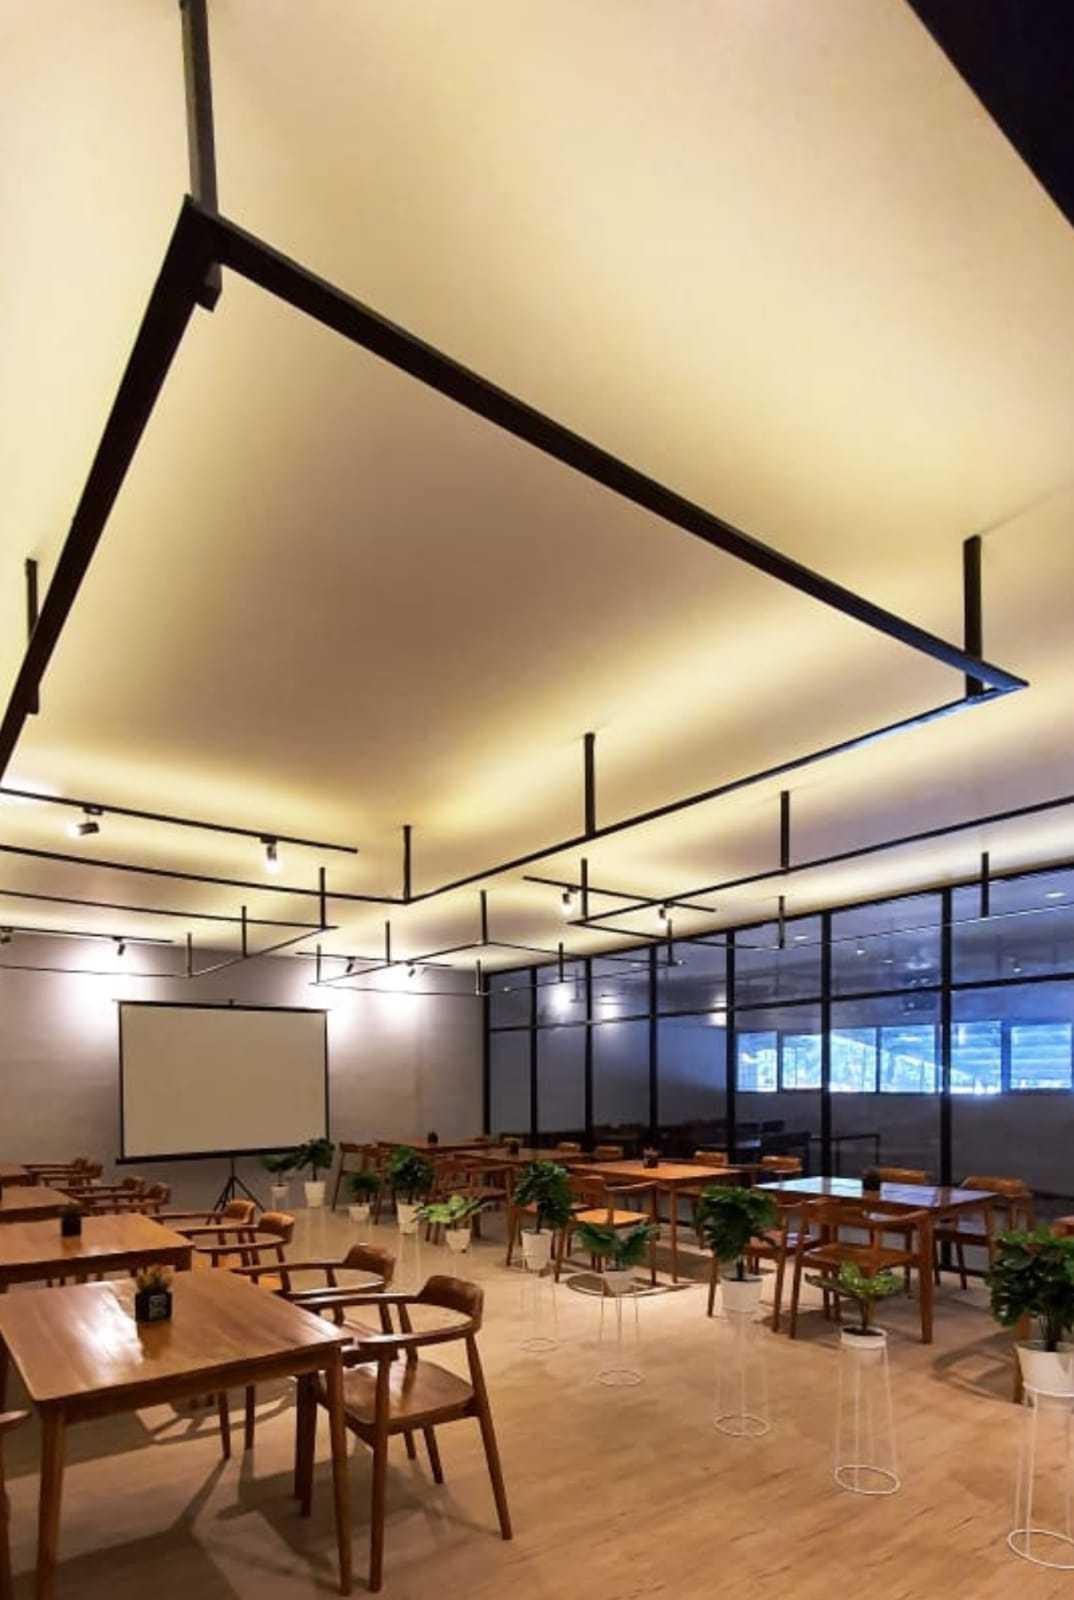 Fau Architects Athaya Coffee Pedurungan, Kota Semarang, Jawa Tengah, Indonesia Pedurungan, Kota Semarang, Jawa Tengah, Indonesia Fau-Architects-Athaya-Coffee  109043